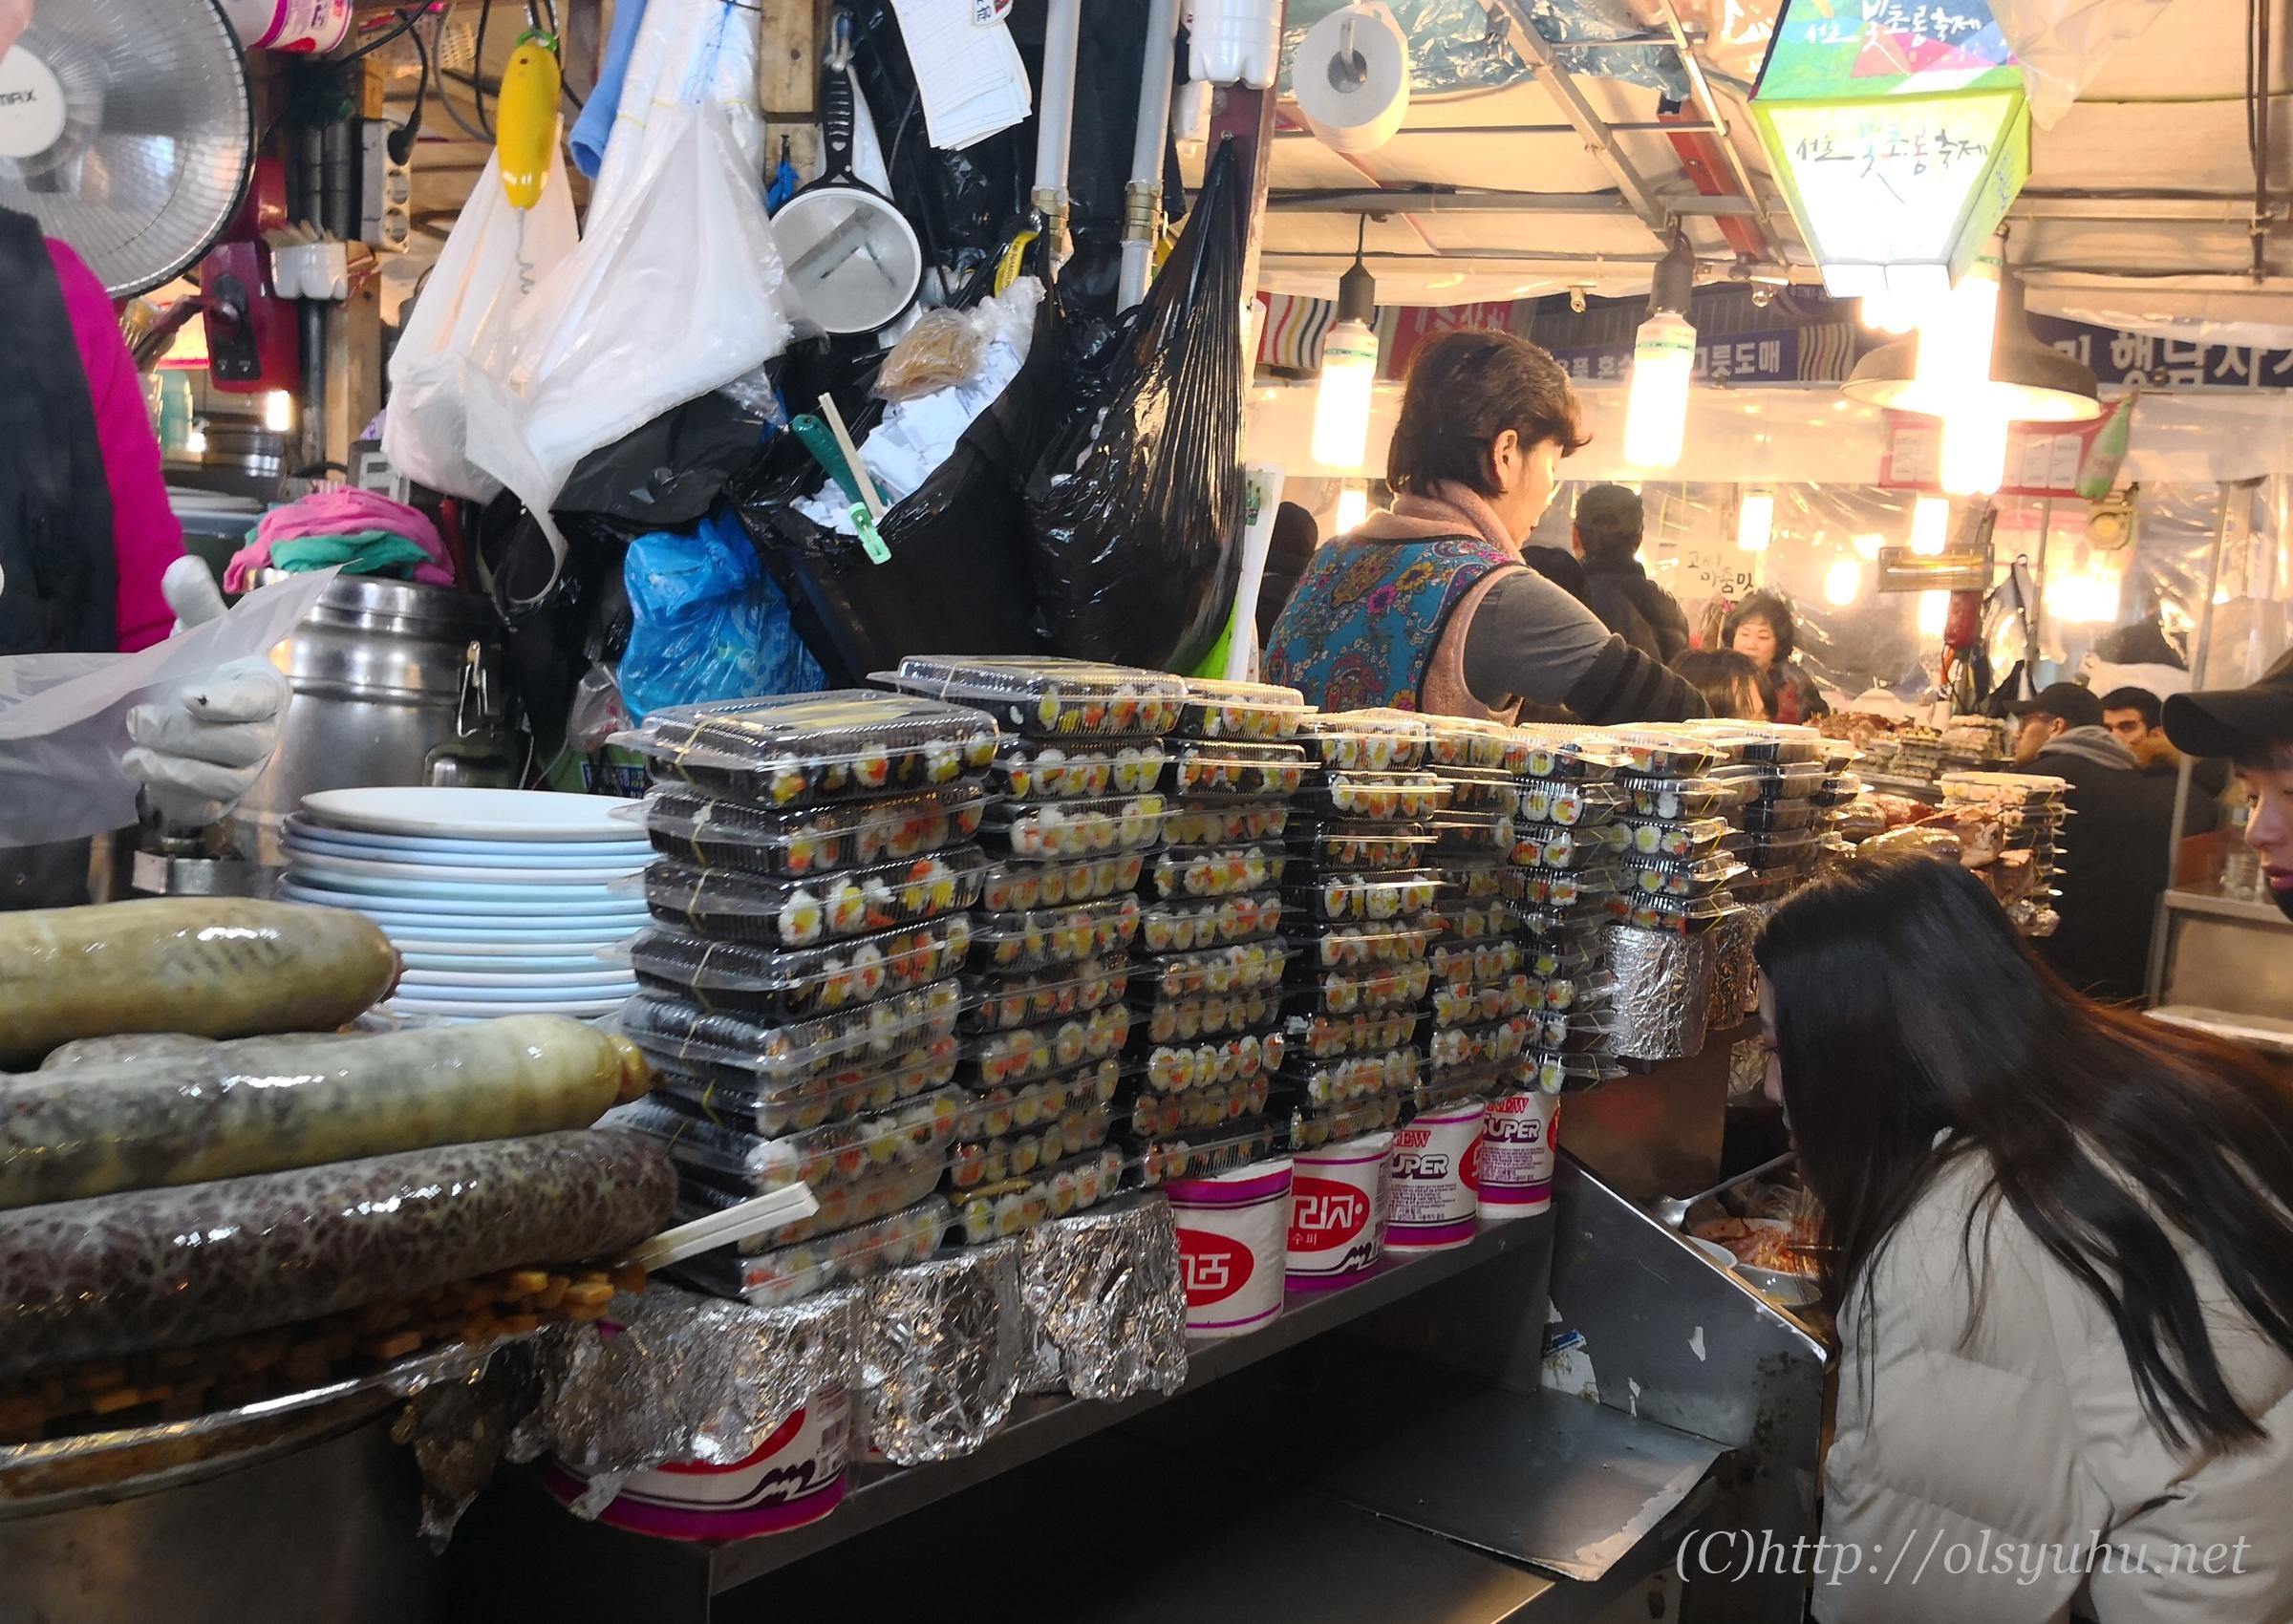 広蔵市場の屋台 韓国グルメ